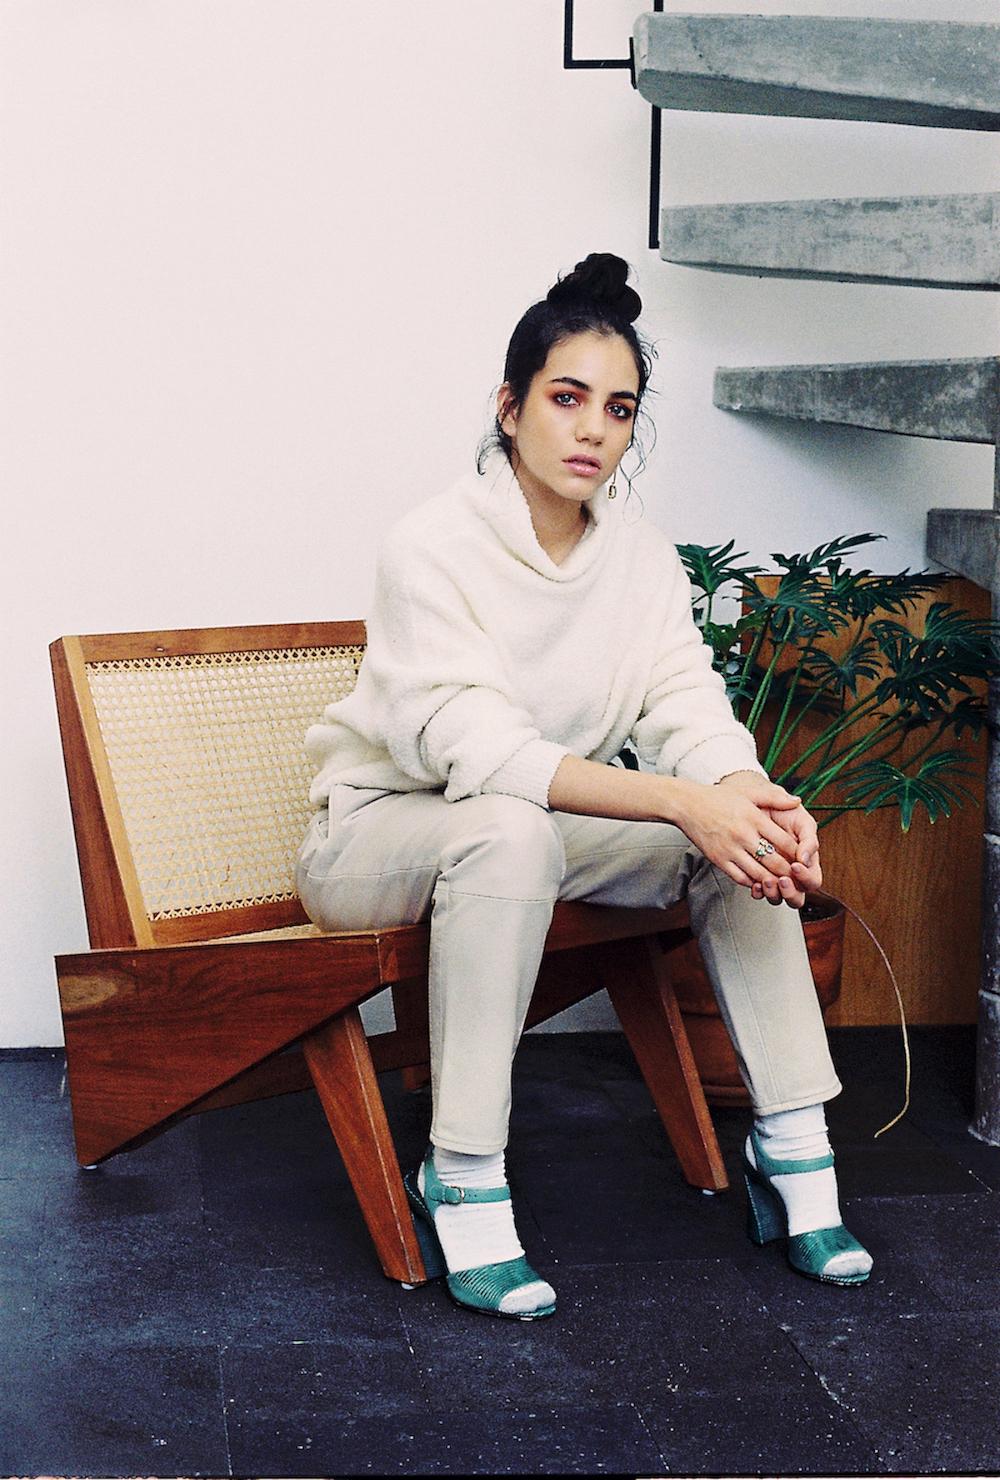 Suéter Bimba y Lola, Pantalón Alin Jotar, Zapatos Savatore Ferragamo, Arete Maria Salinas Calcetines : propiedad del stylist